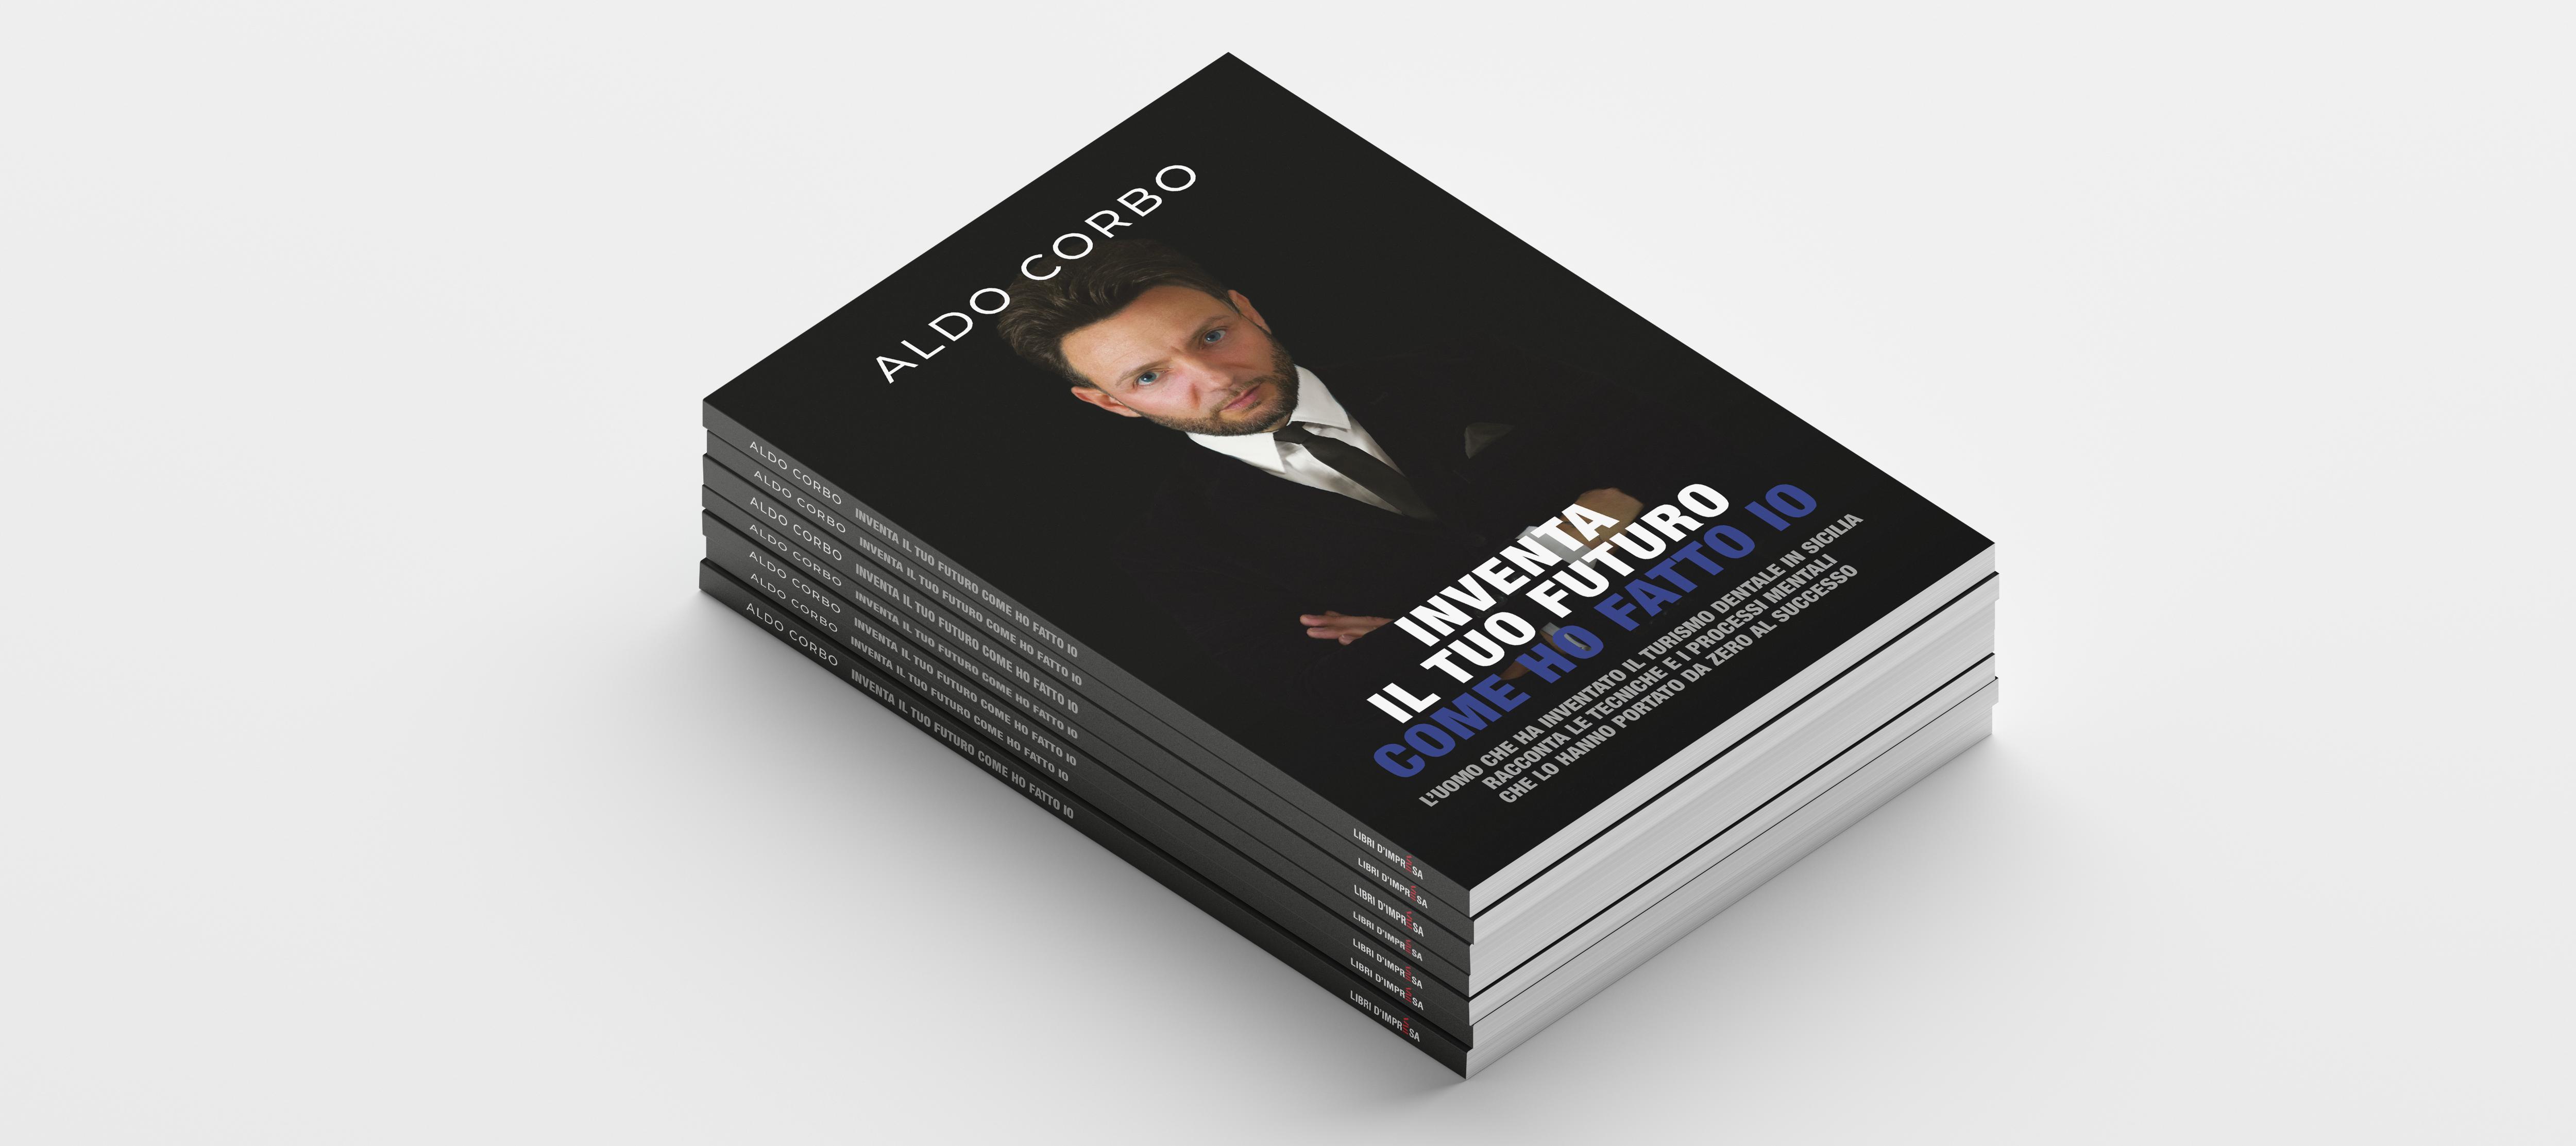 Inventa il tuo futuro - libro Aldo Corbo